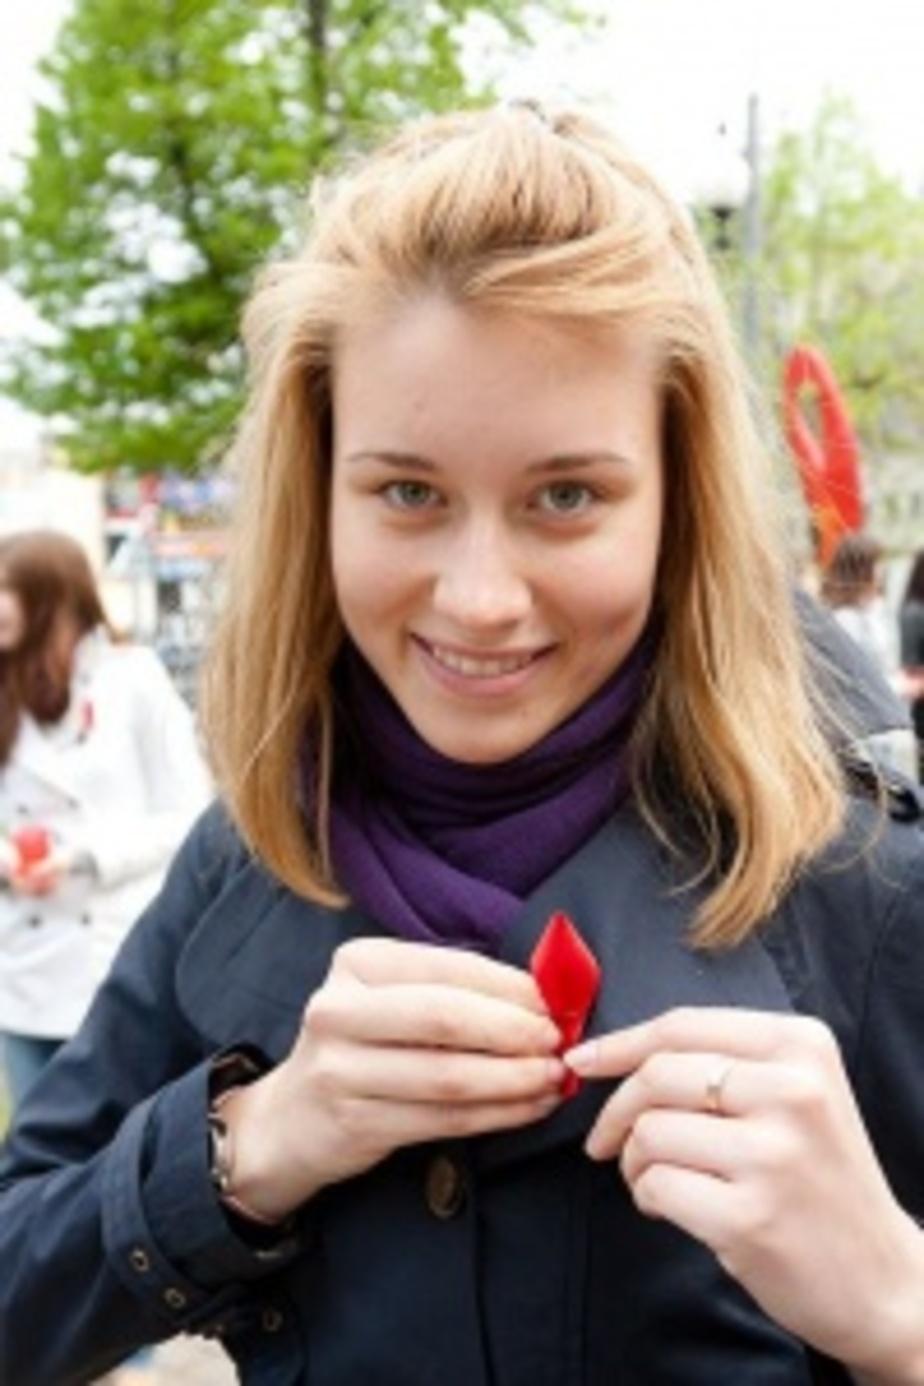 В Калининграде волонтеры раздадут 1000 красных ленточек